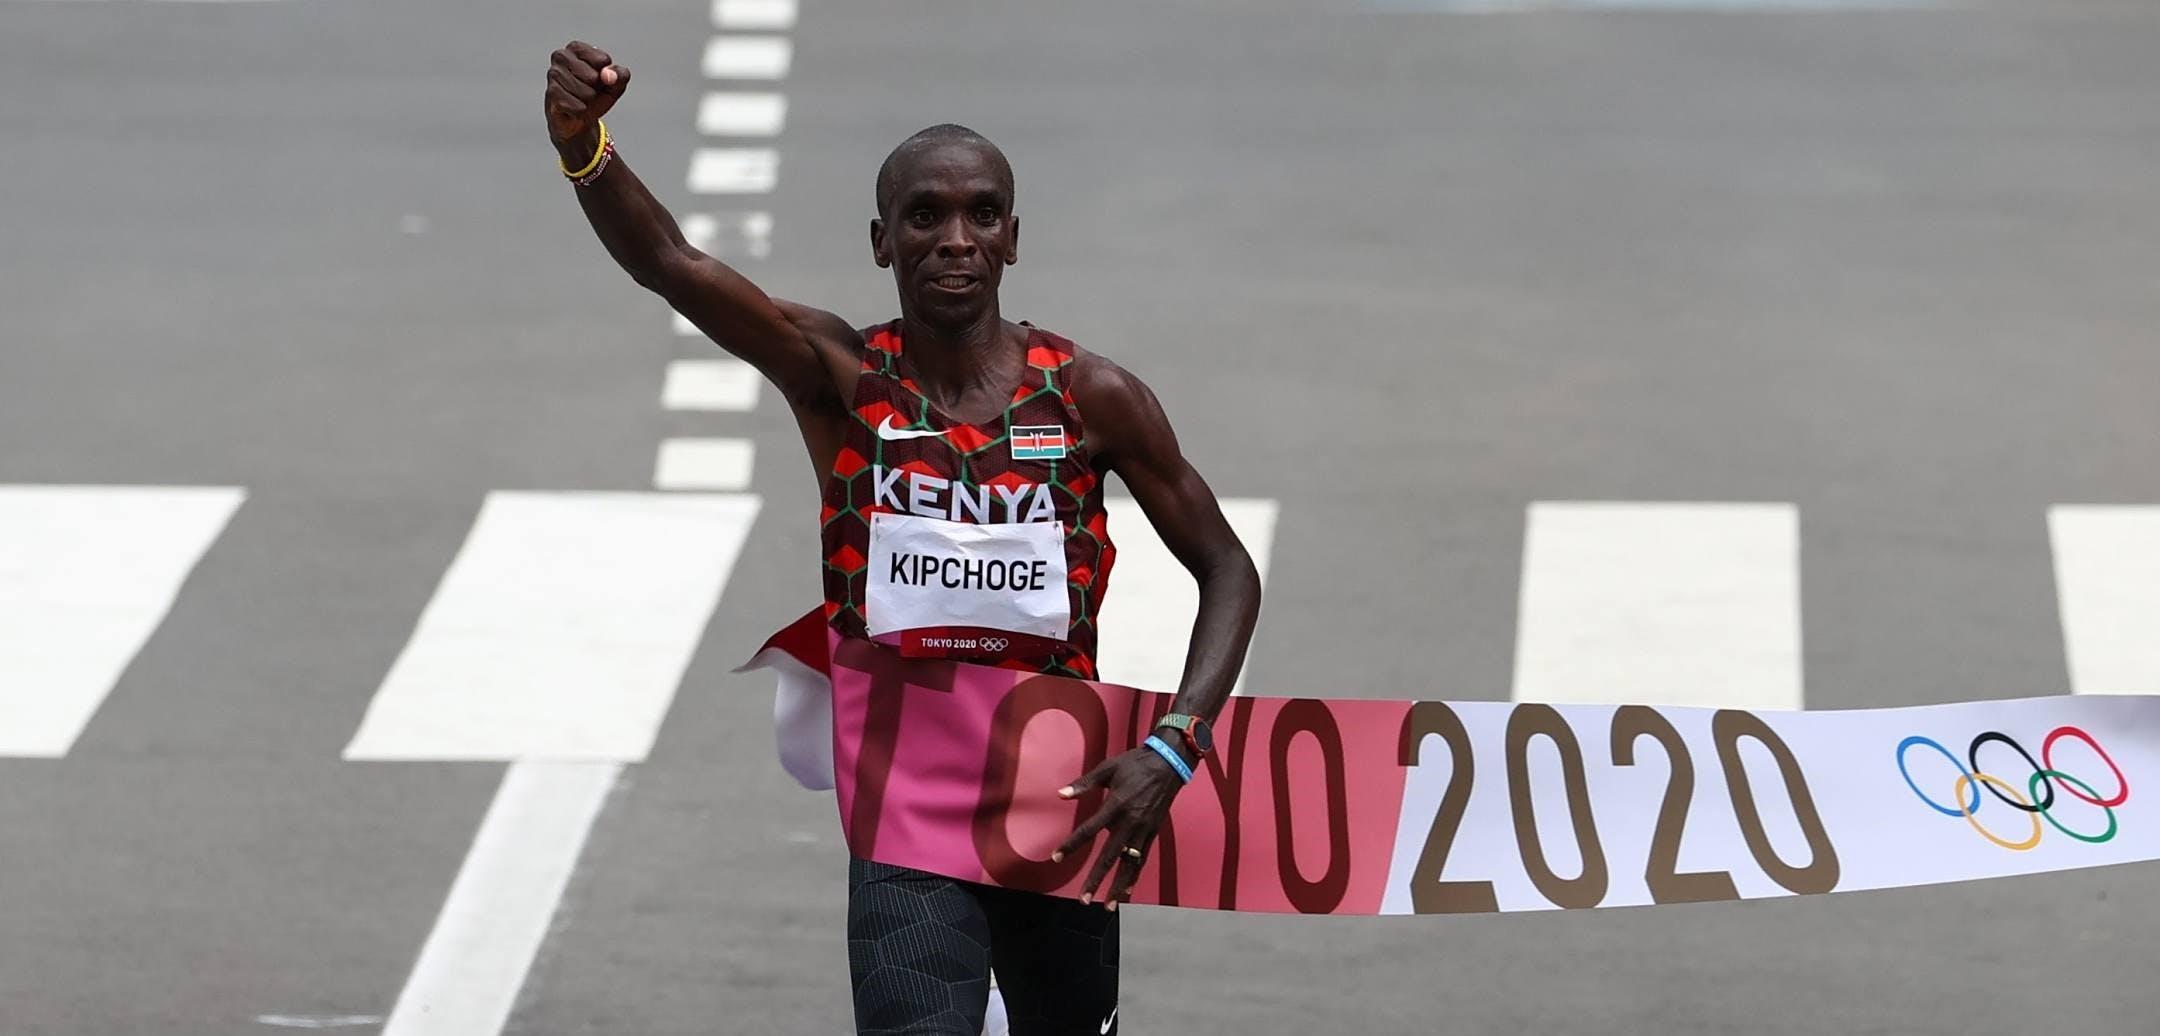 Ανίκητος ο Kipchoge: Χρυσός ο θρύλος του Μαραθωνίου στους Ολυμπιακούς Αγώνες με χρόνο 2:08:38